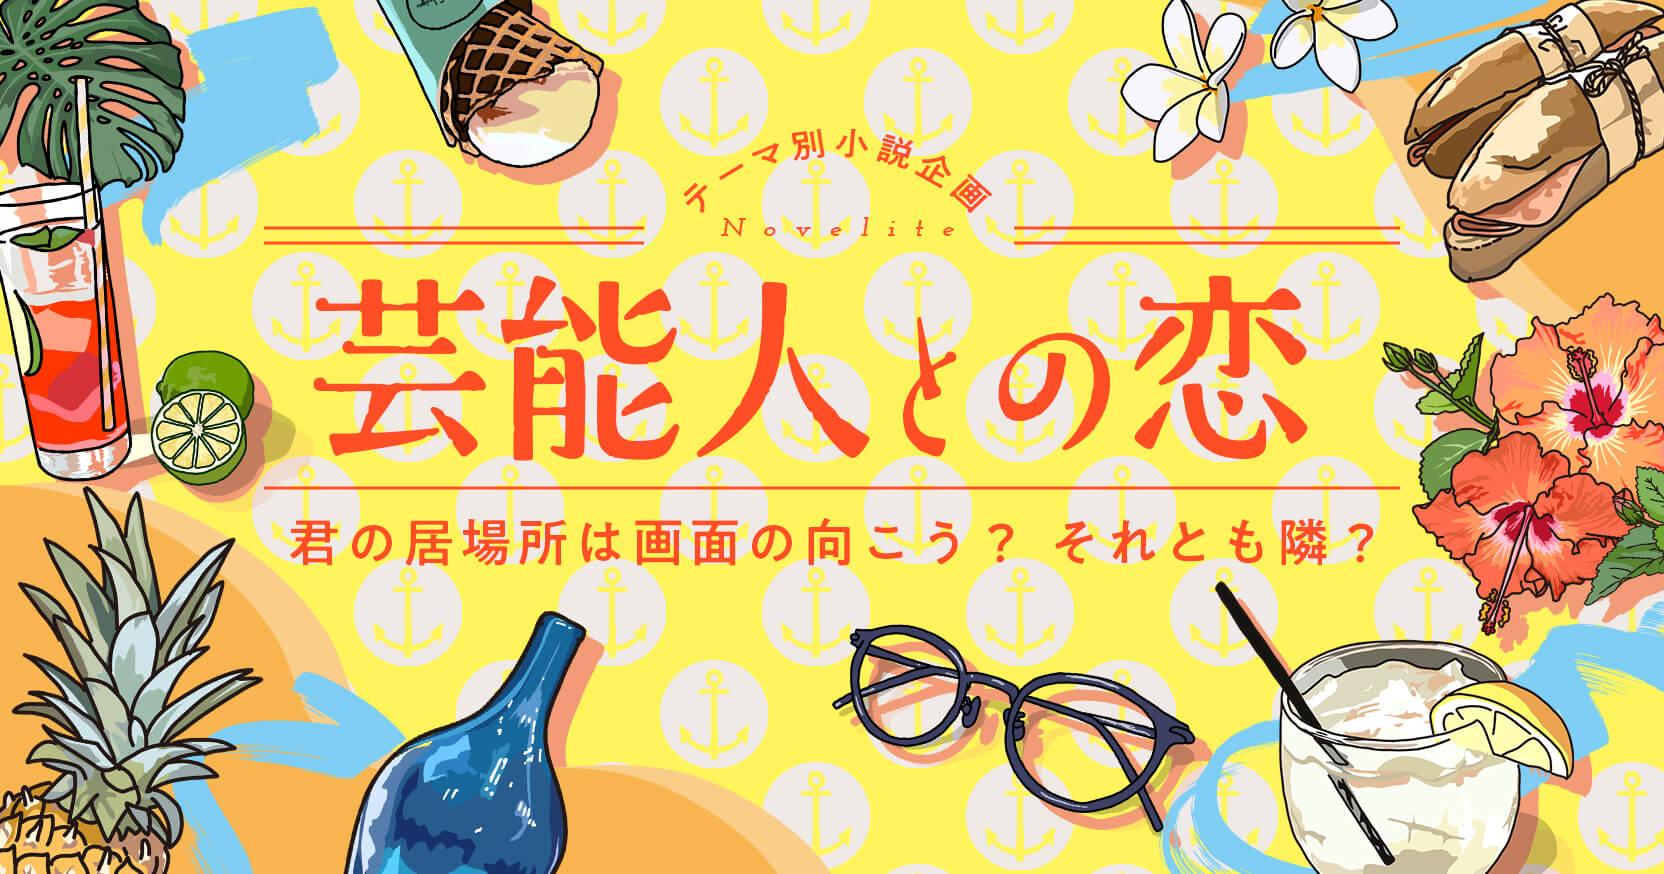 テーマ別小説企画Novelite テーマ「芸能人」